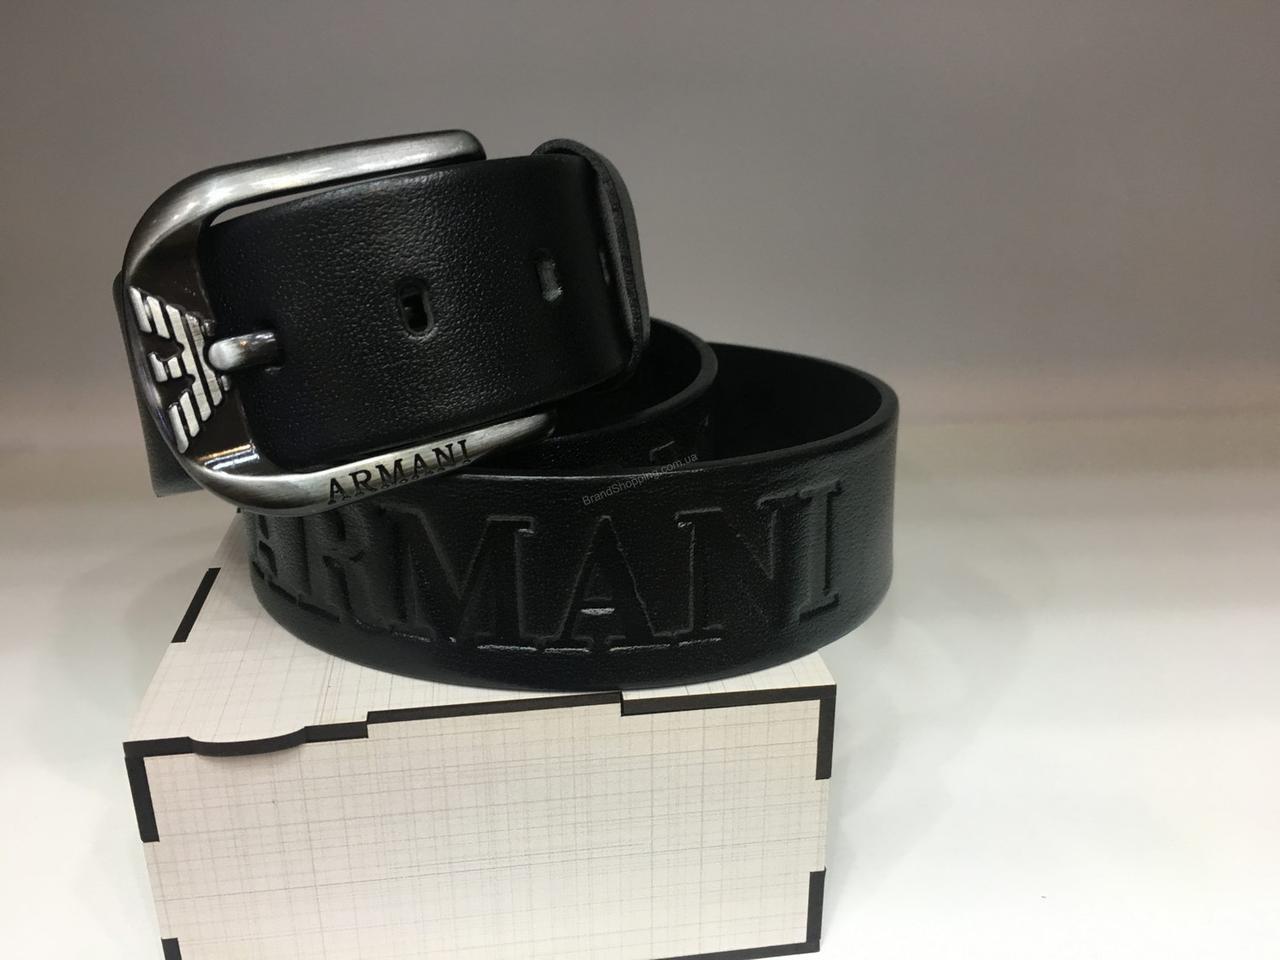 548060caa6e5 Кожаный ремень Armani 1188 ширина 4см черный - купить по лучшей цене ...